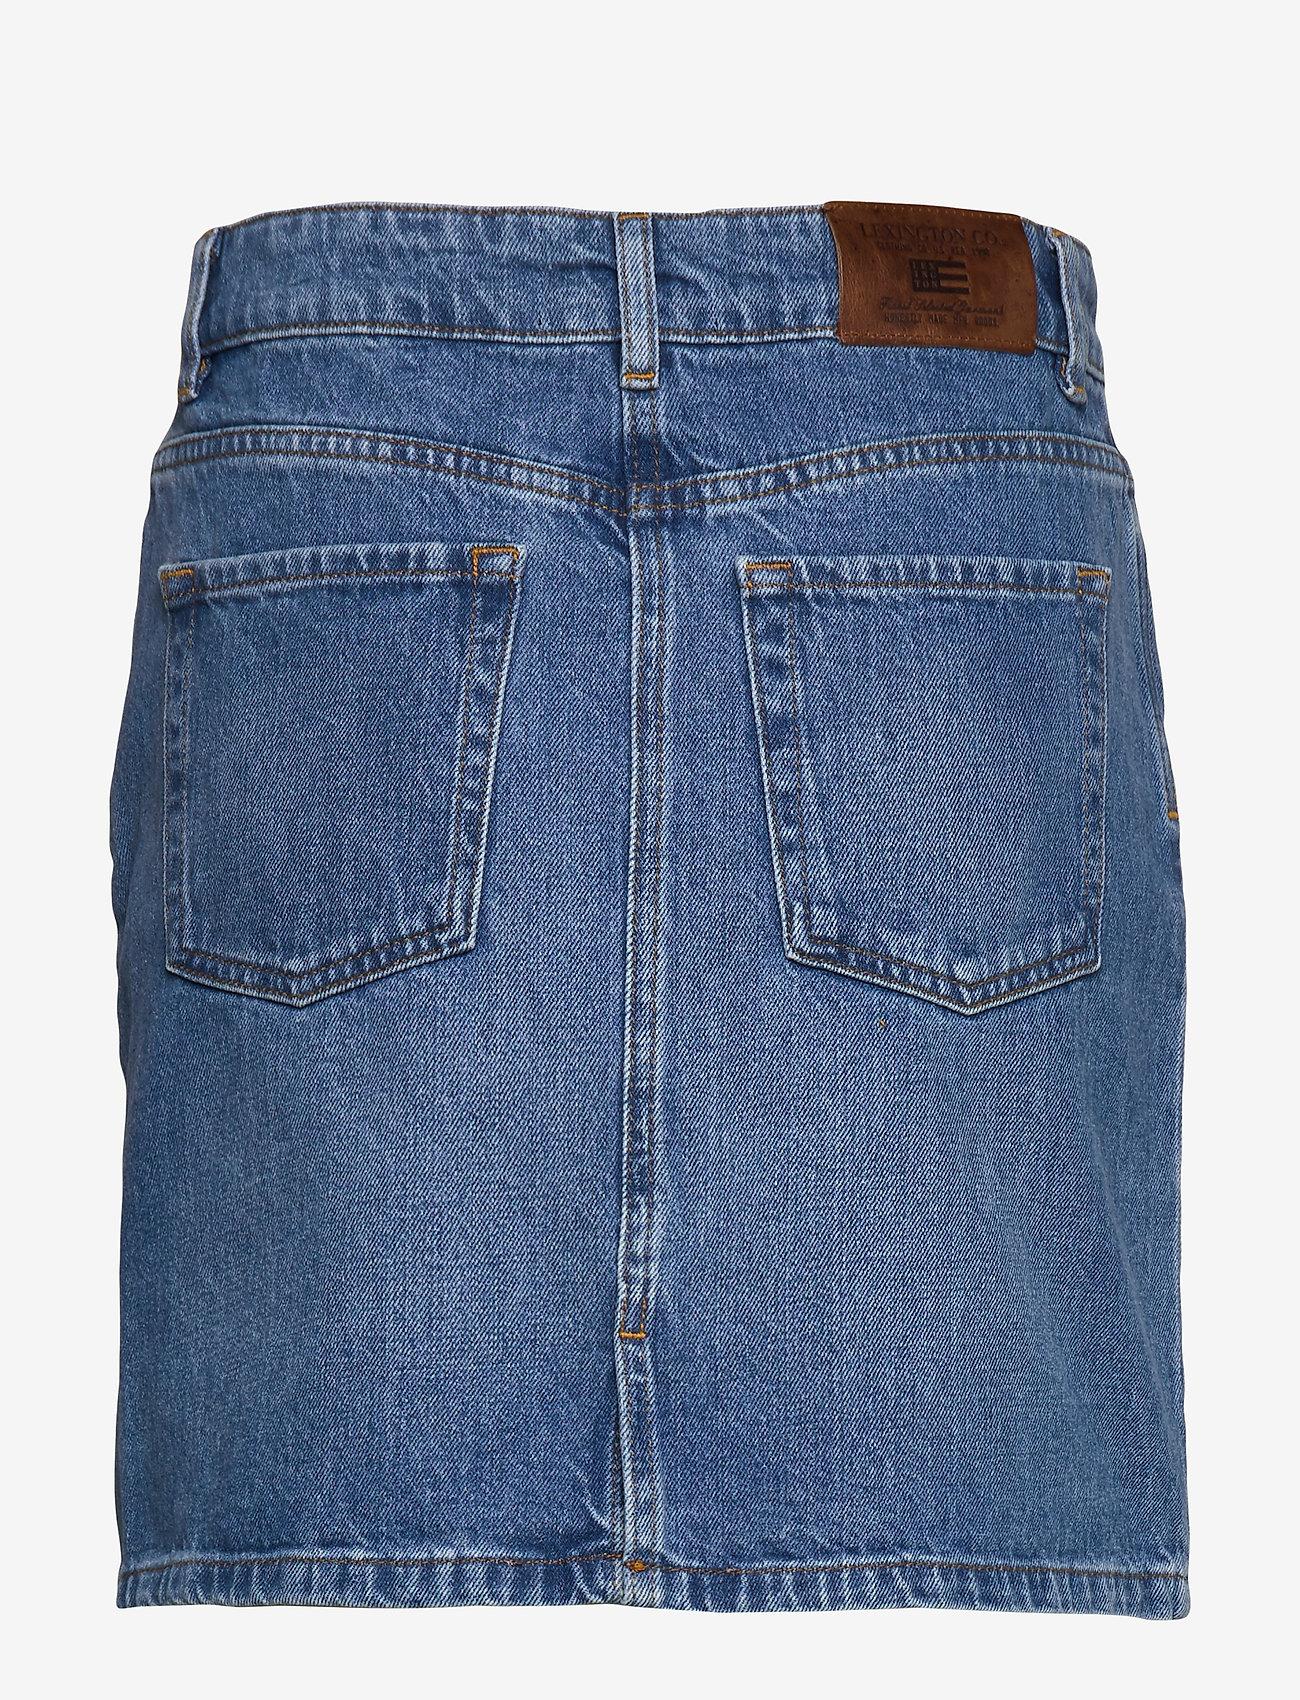 Alexa Blue Denim Skirt (Lt Blue Denim) - Lexington Clothing vto4at